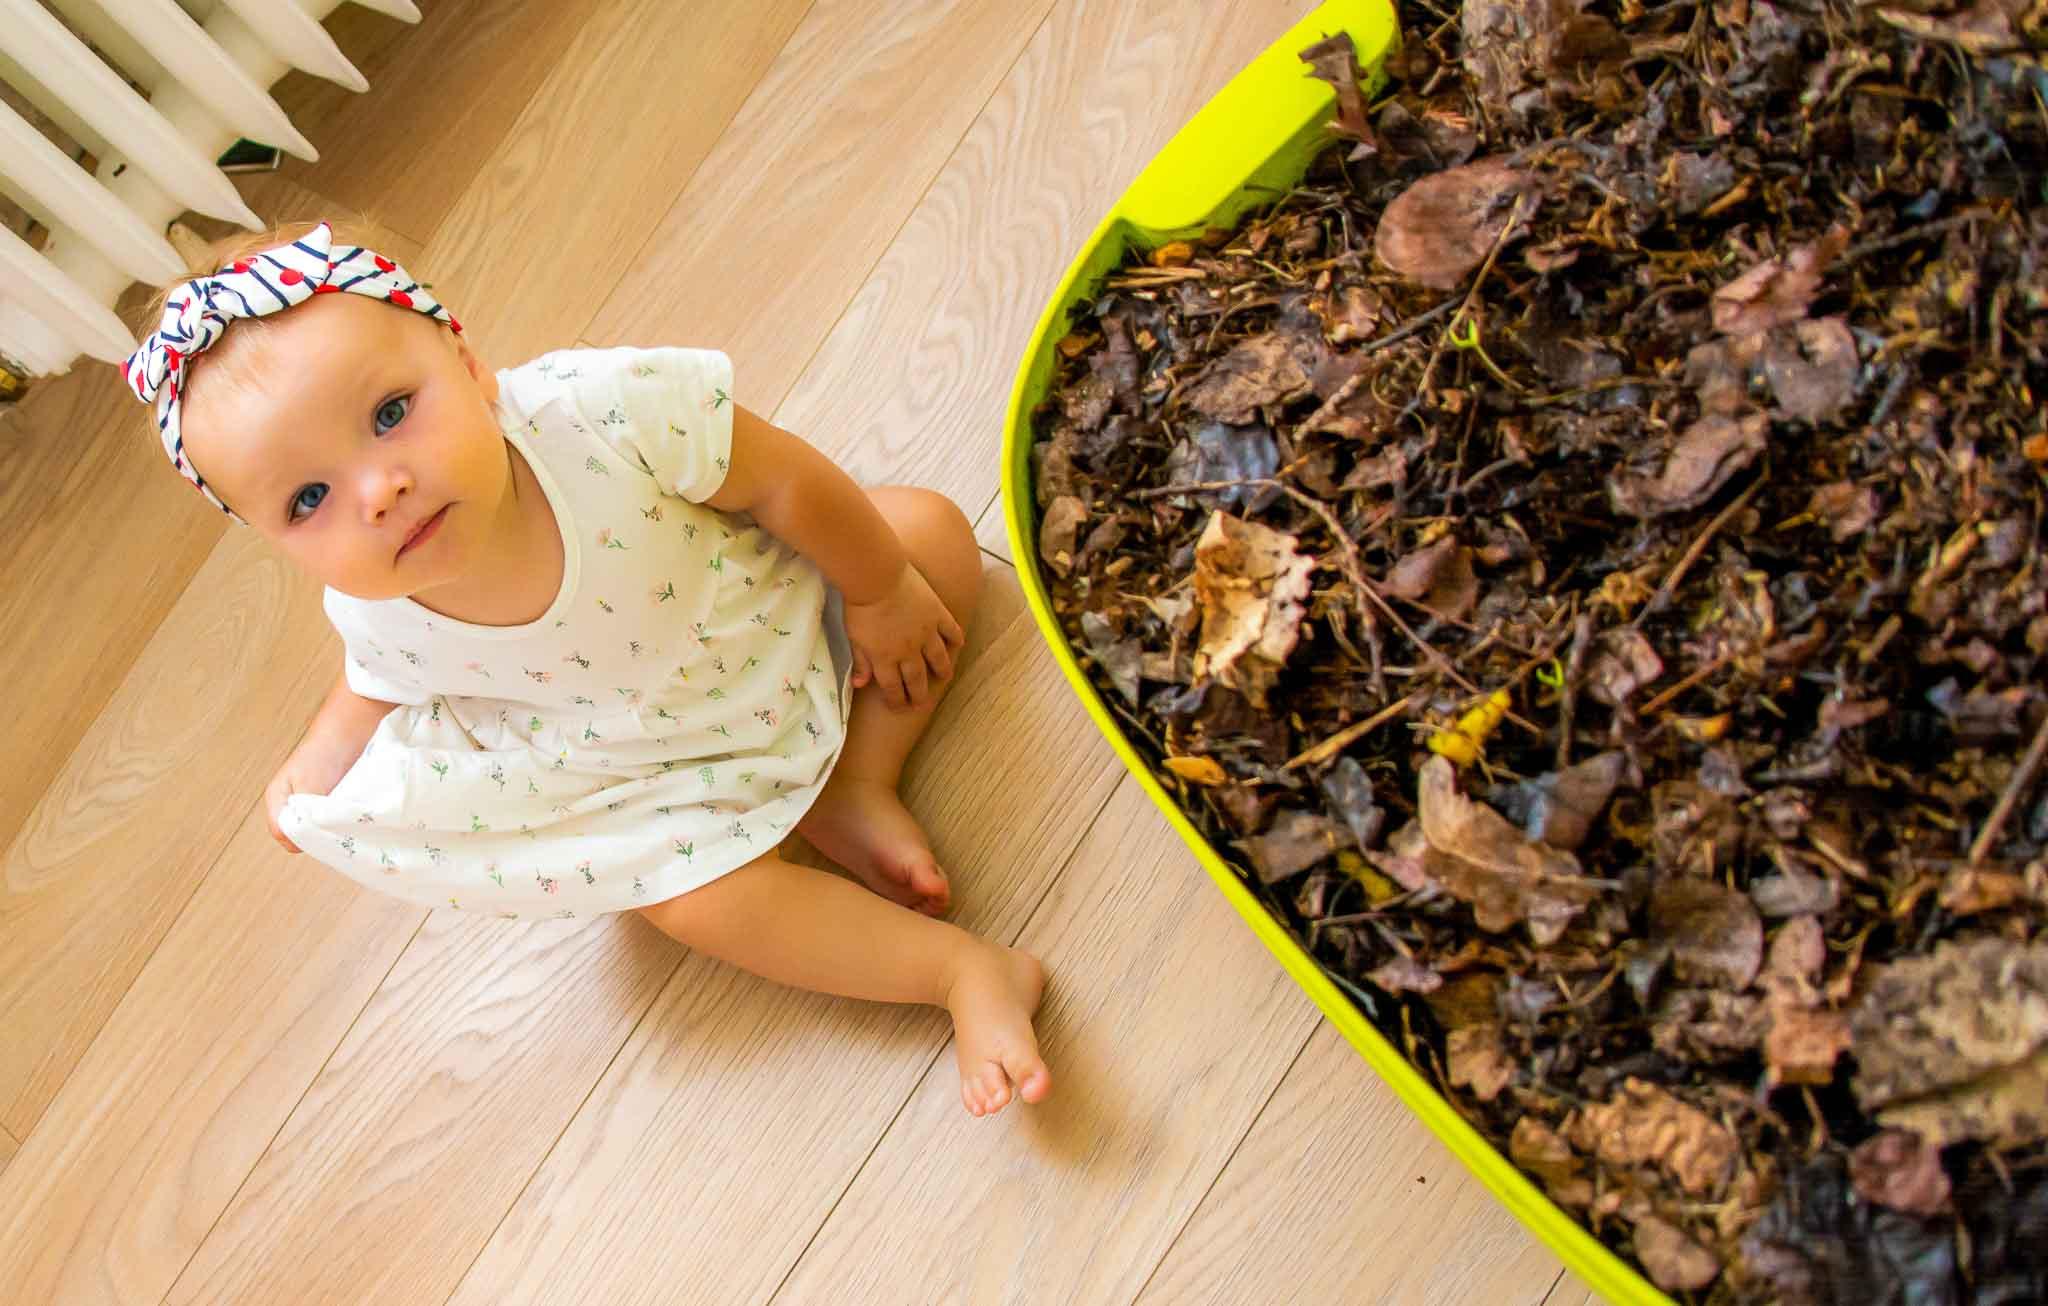 bytový kompostér a dieťa